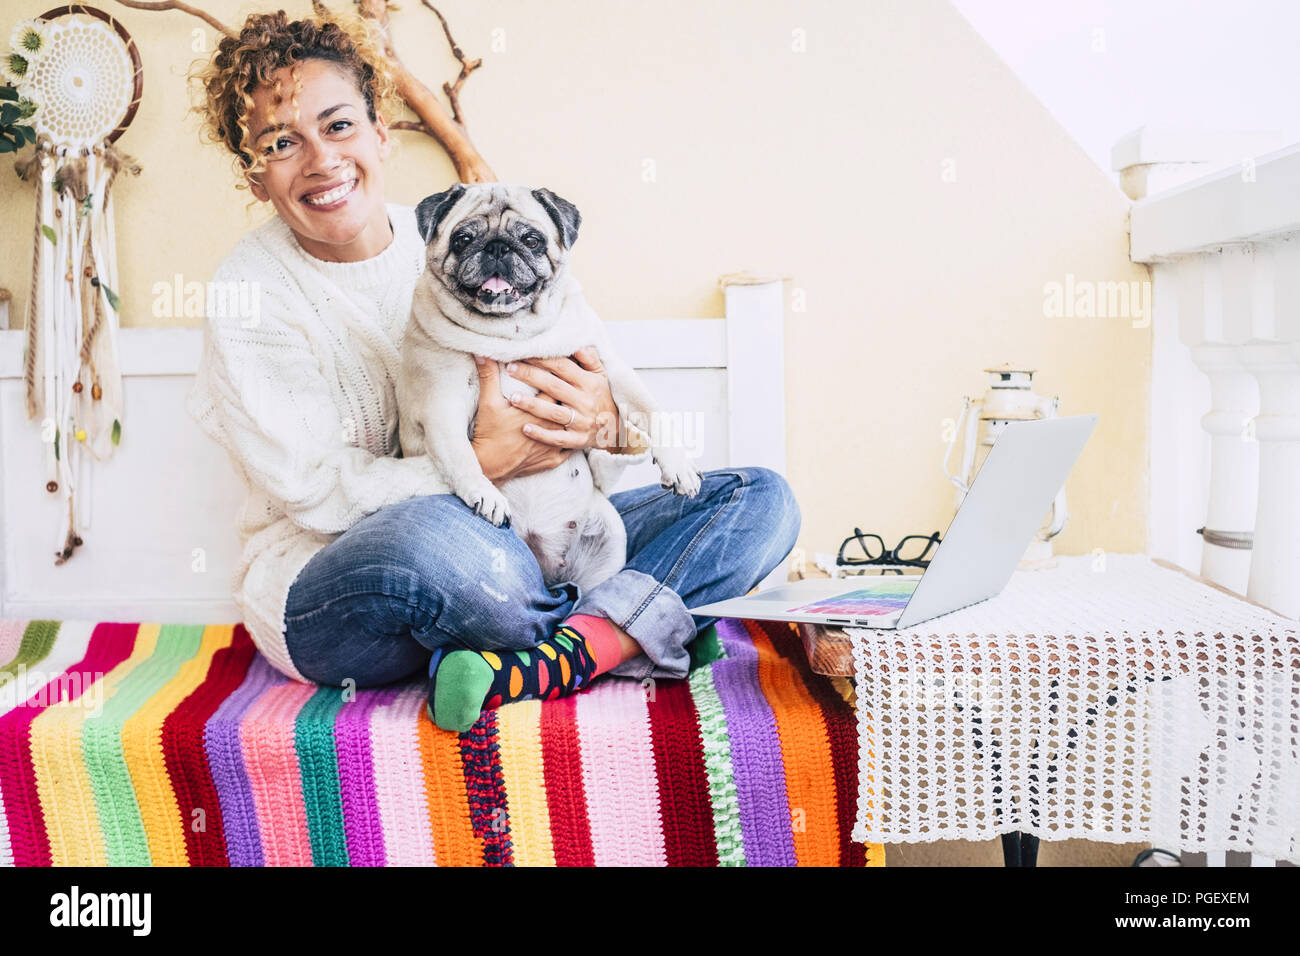 Felicidad total para la hermosa joven caucásico alegre abrazado con sus mejores amigos fat pug perro sonriendo demasiado. amistad en casa y disfruta lifest Imagen De Stock